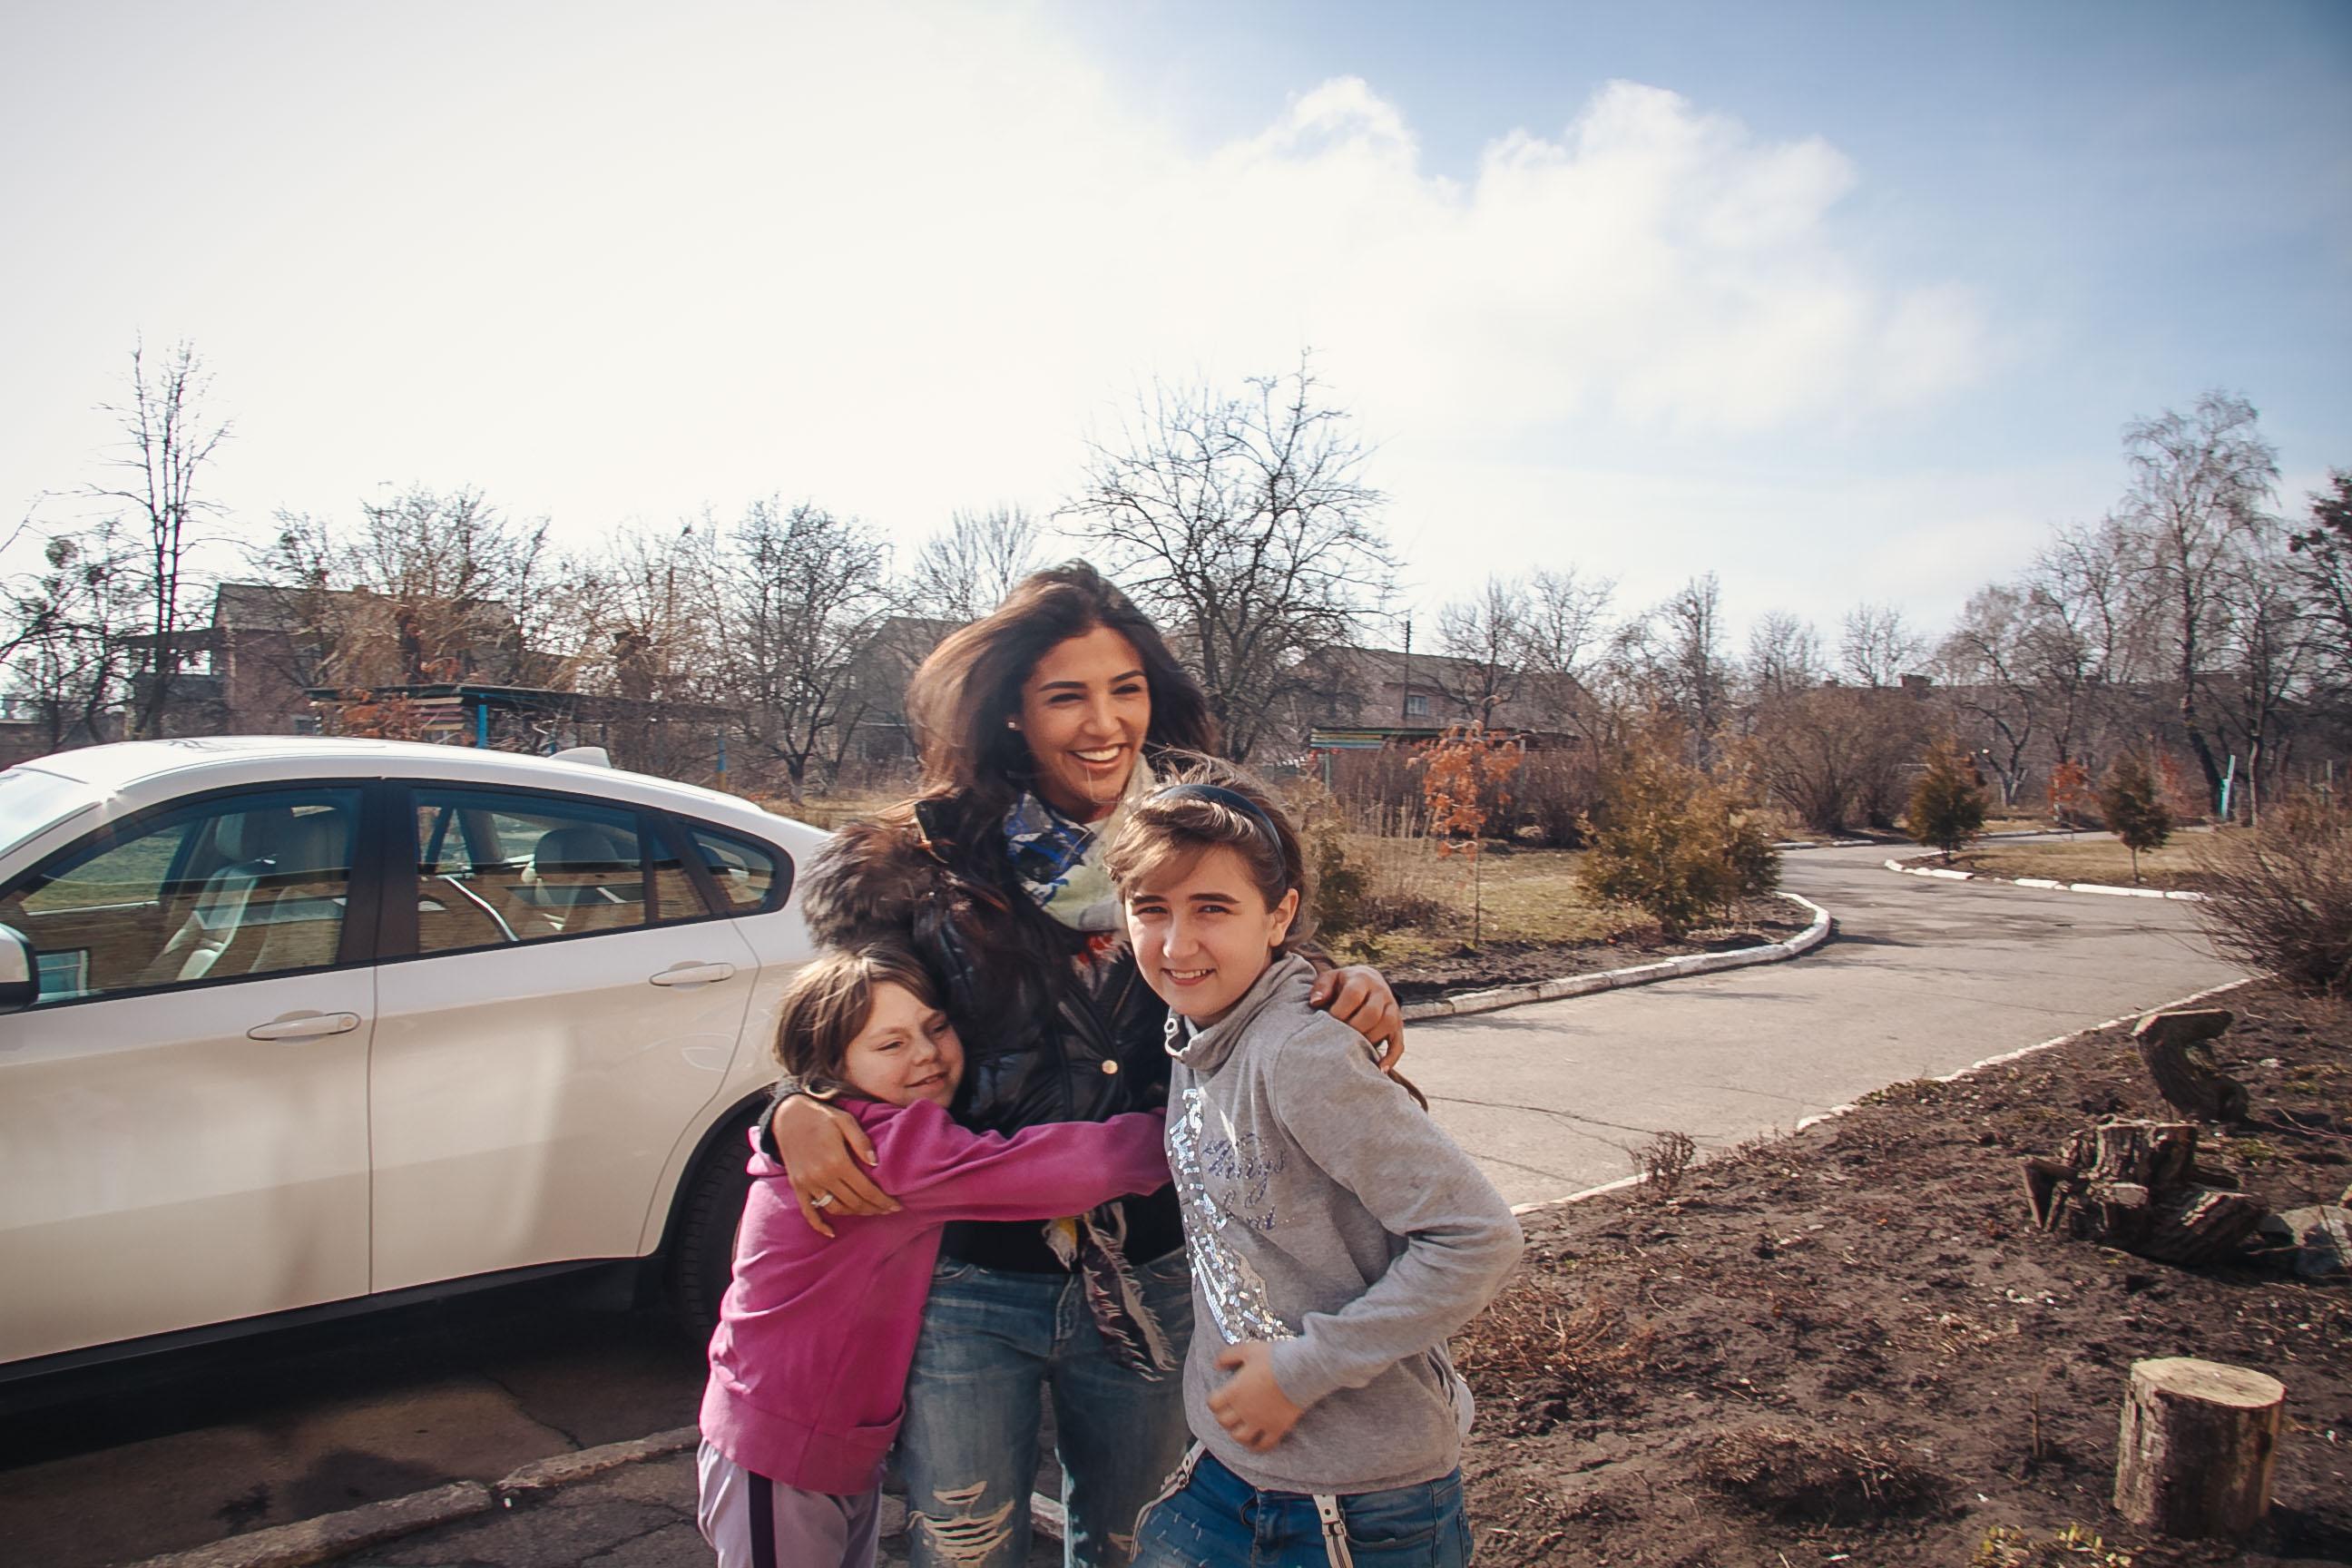 В Україні створили гру для популяризації серед дітей здорового способу життя - фото 1